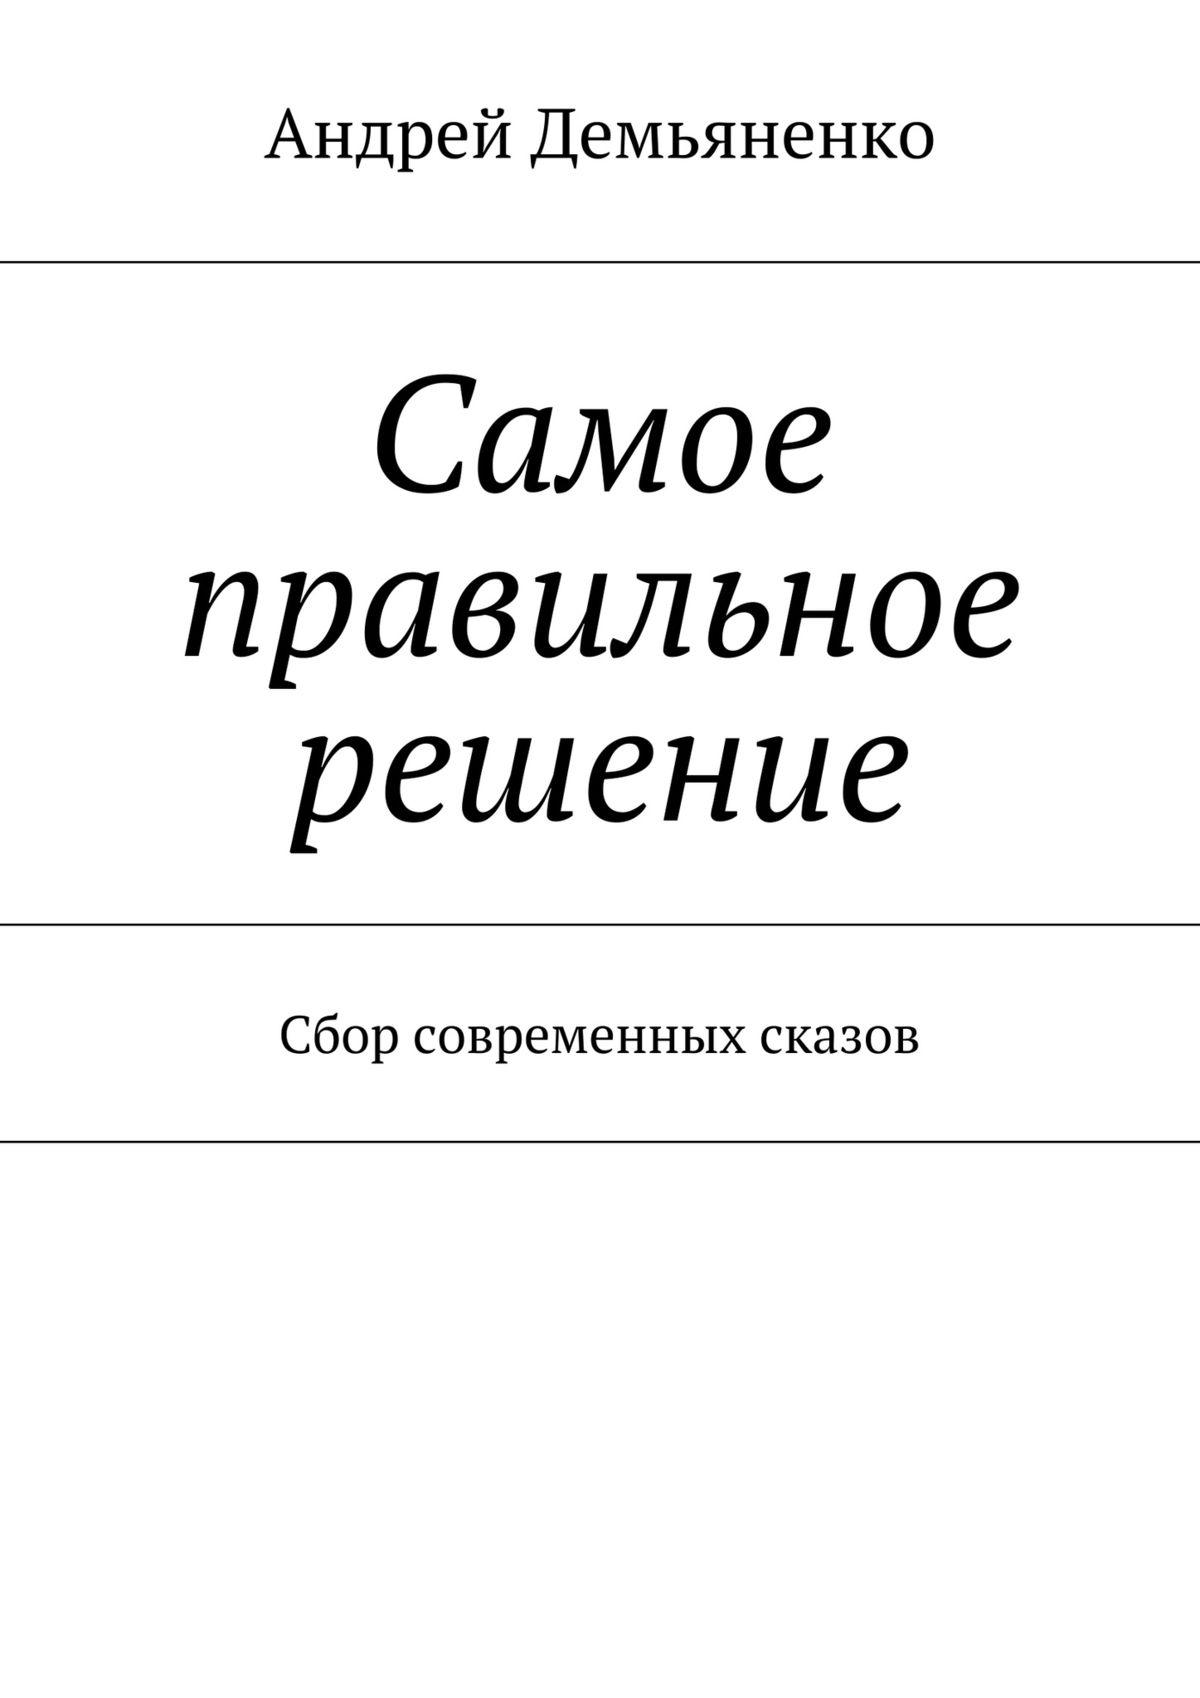 Андрей Демьяненко Самое правильное решение (сборник) андрей прохоренко тернистый путь к счастью